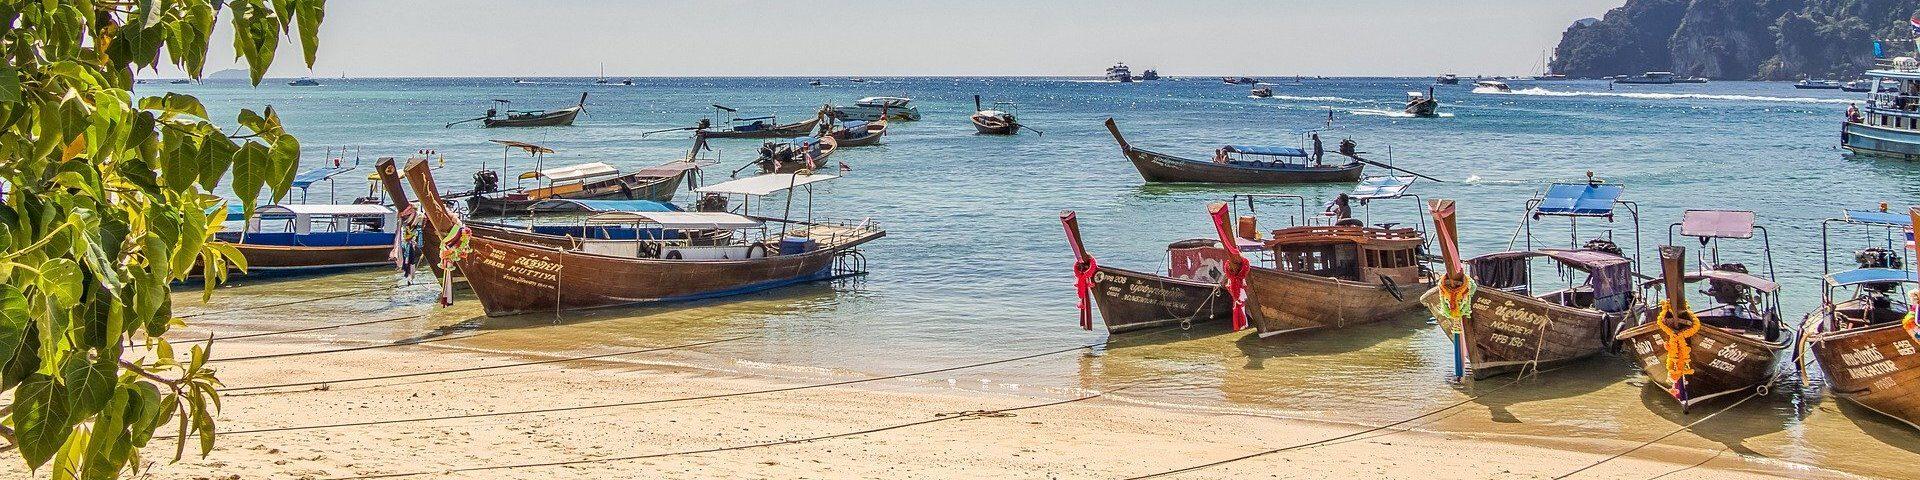 Krabi Itinerary 4 days